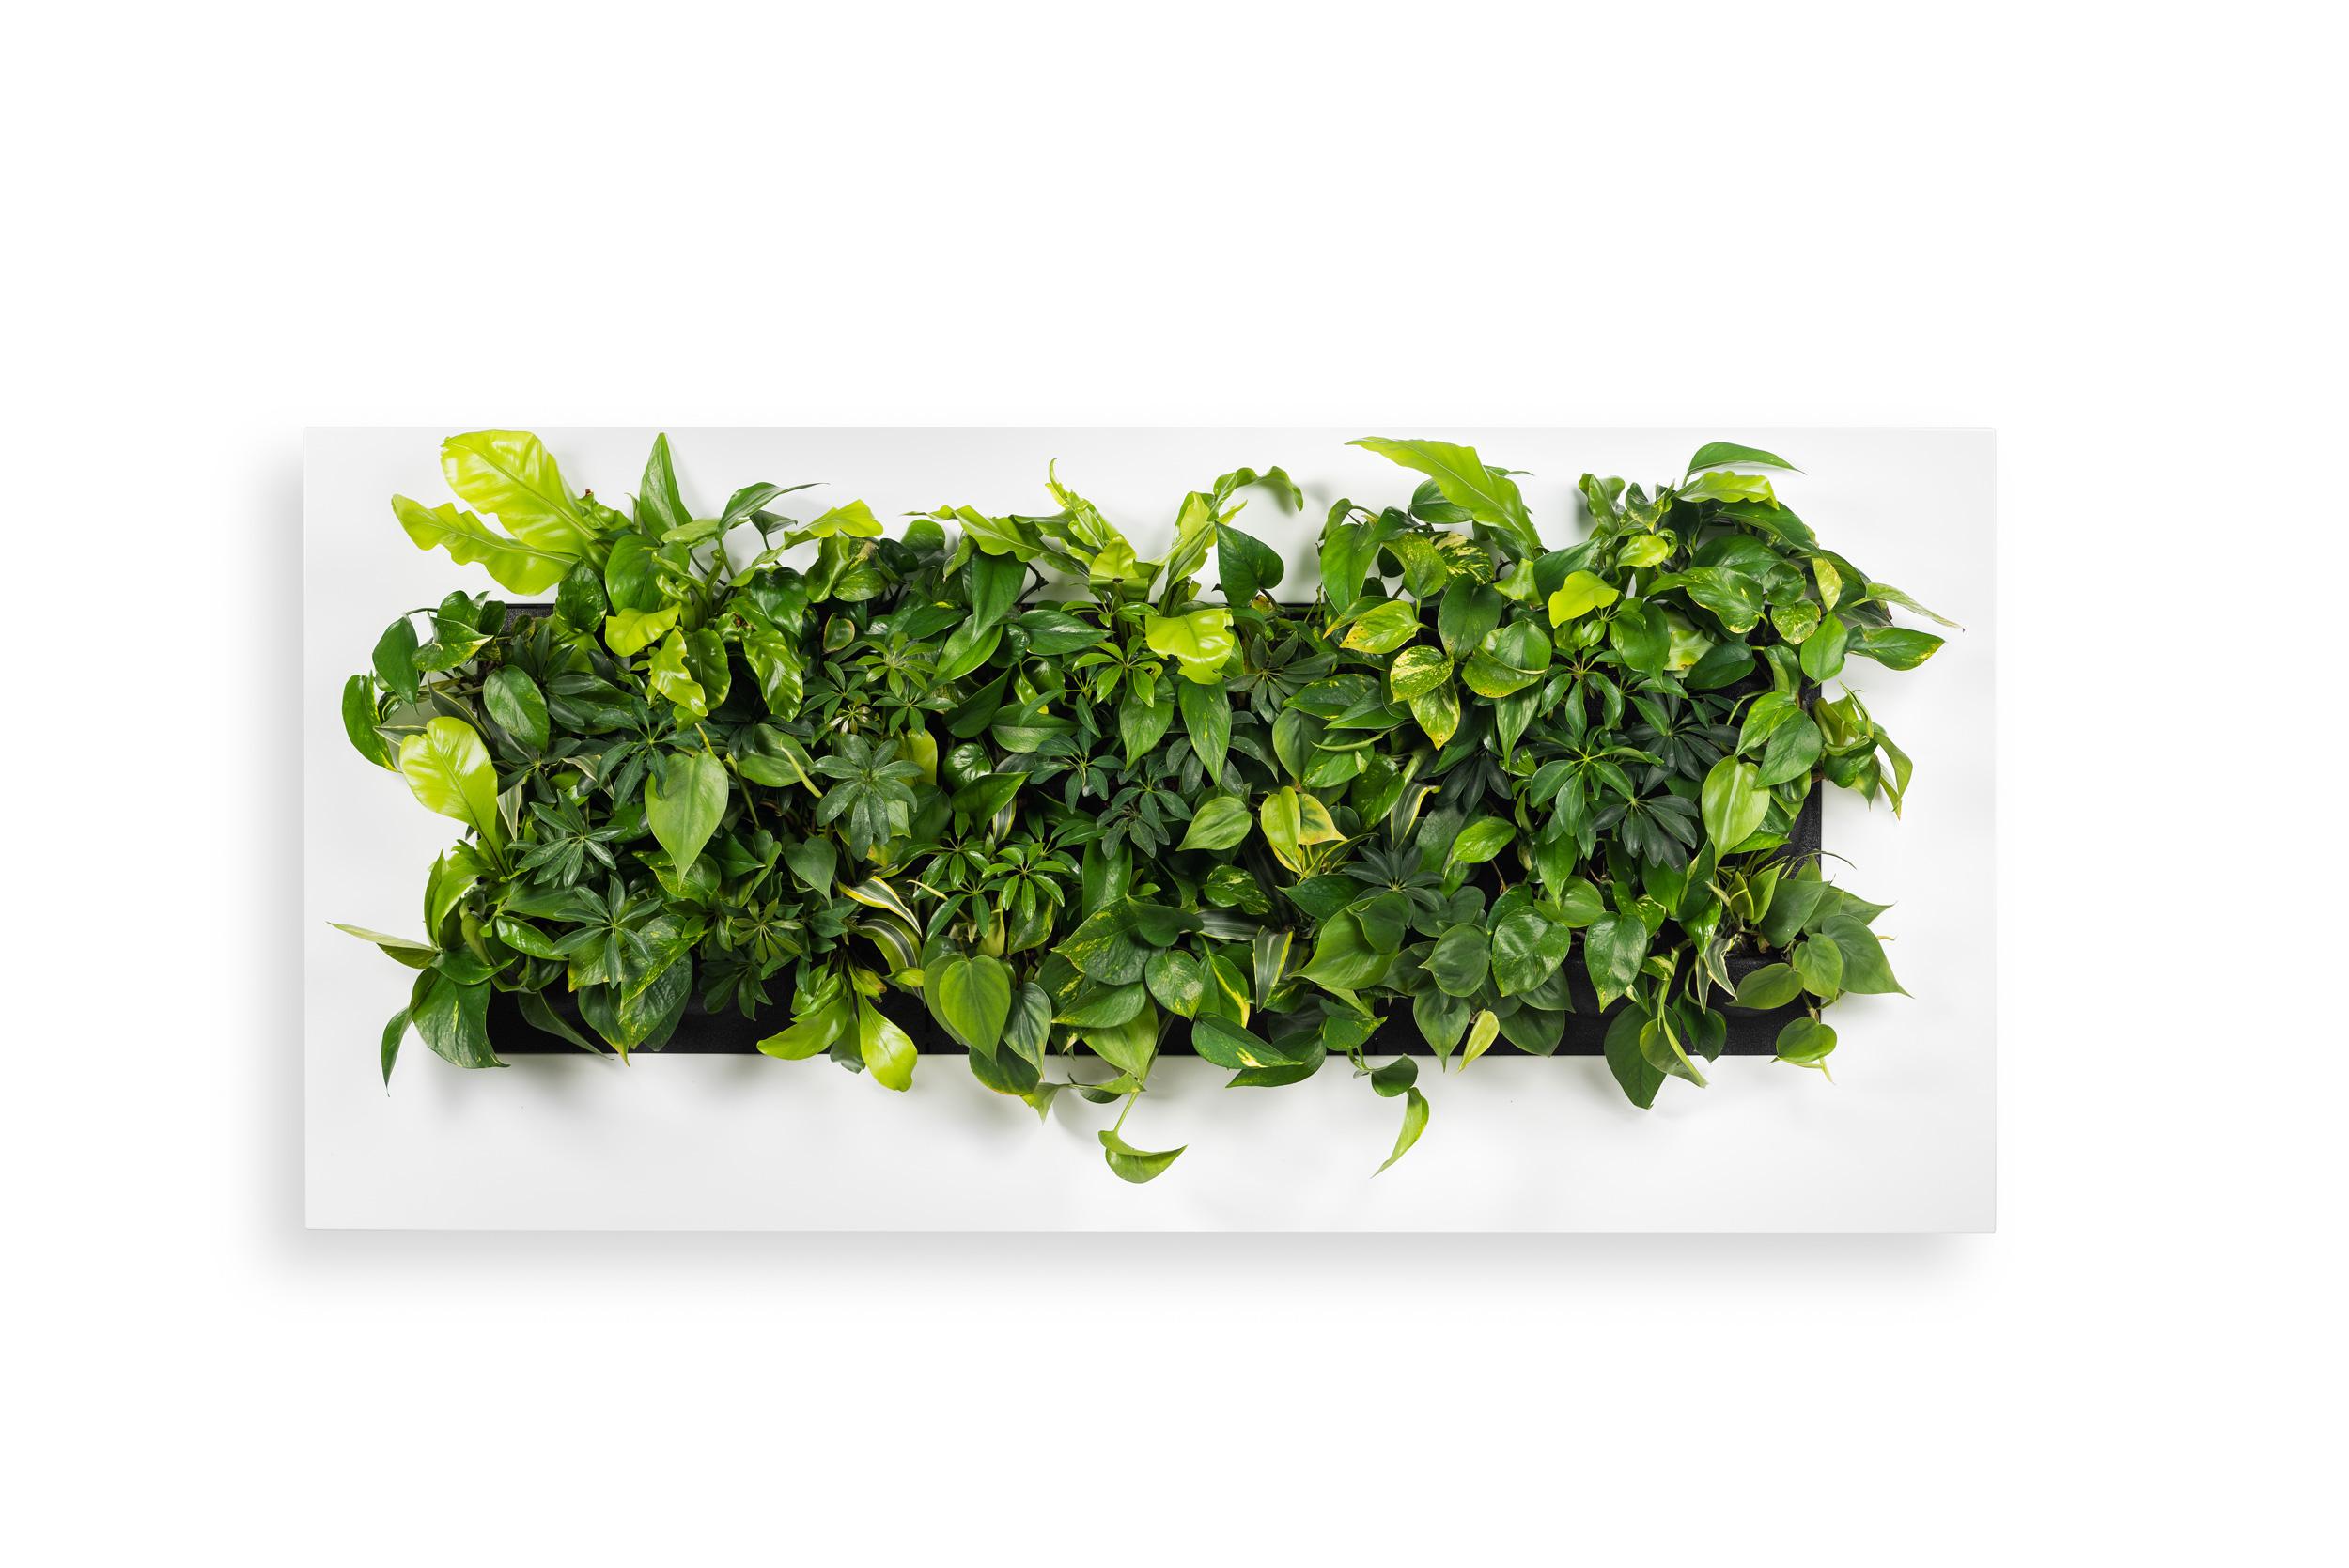 Příklad osázení živého zeleného obrazu pro interiér